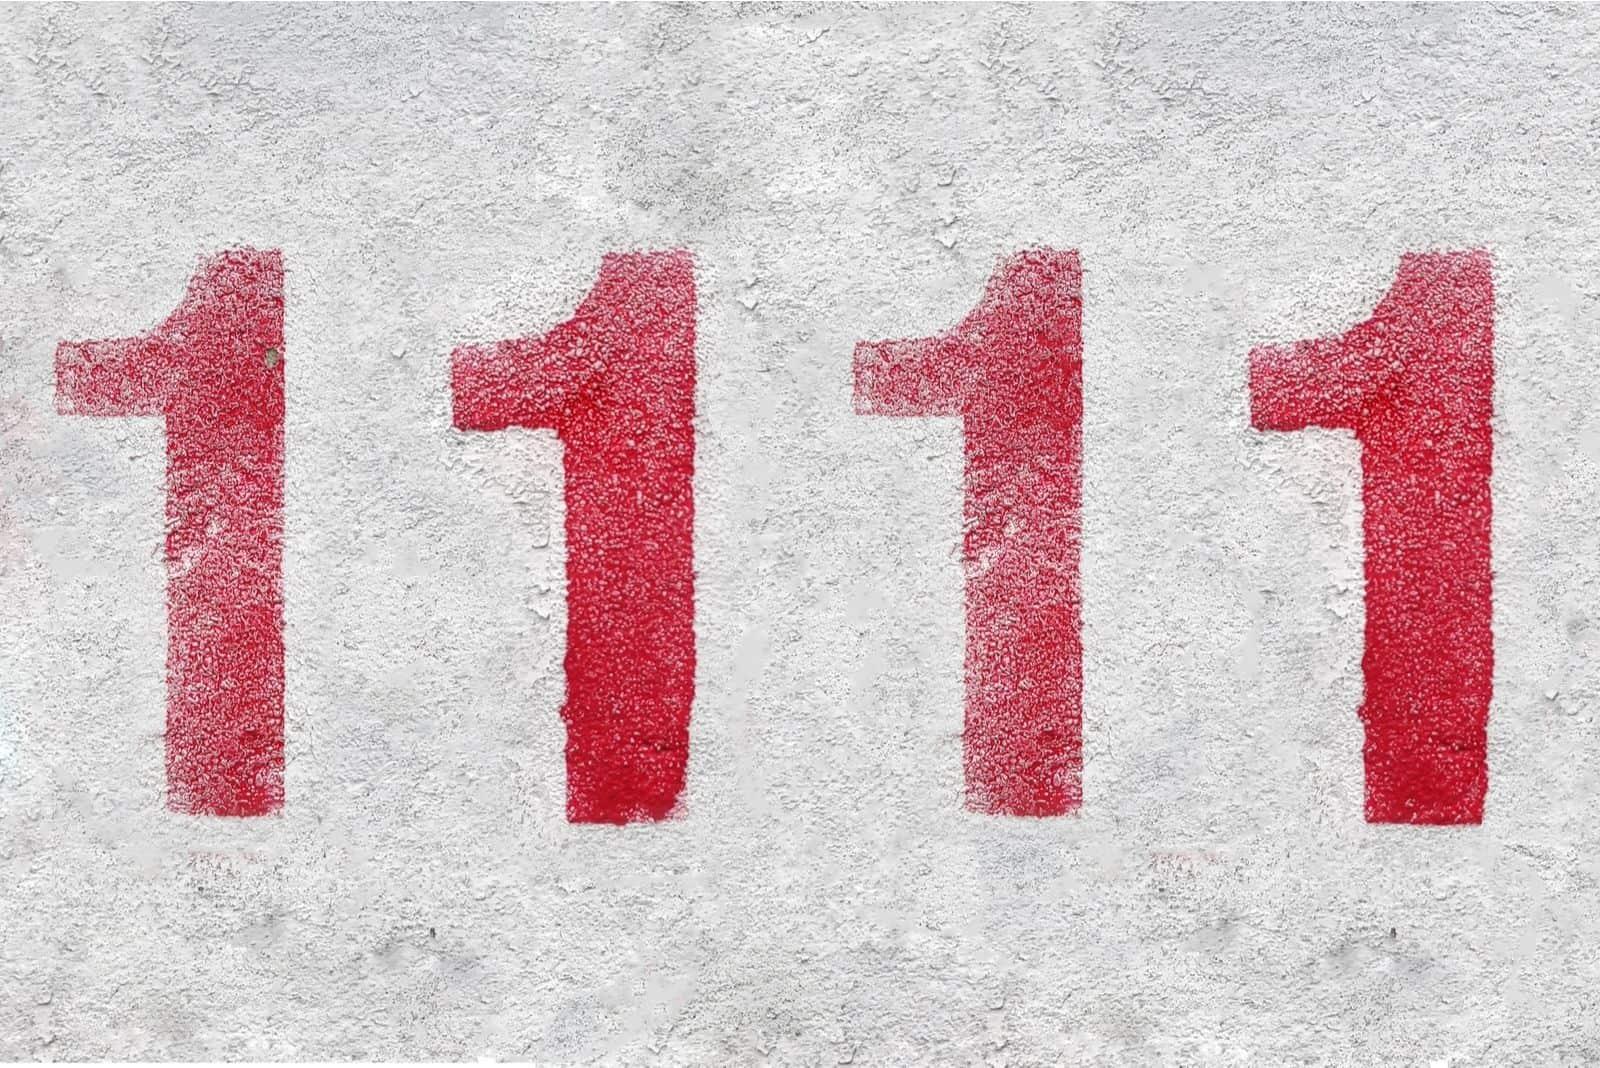 Rote Nummer 1111 an der weißen Wand. Sprühfarbe